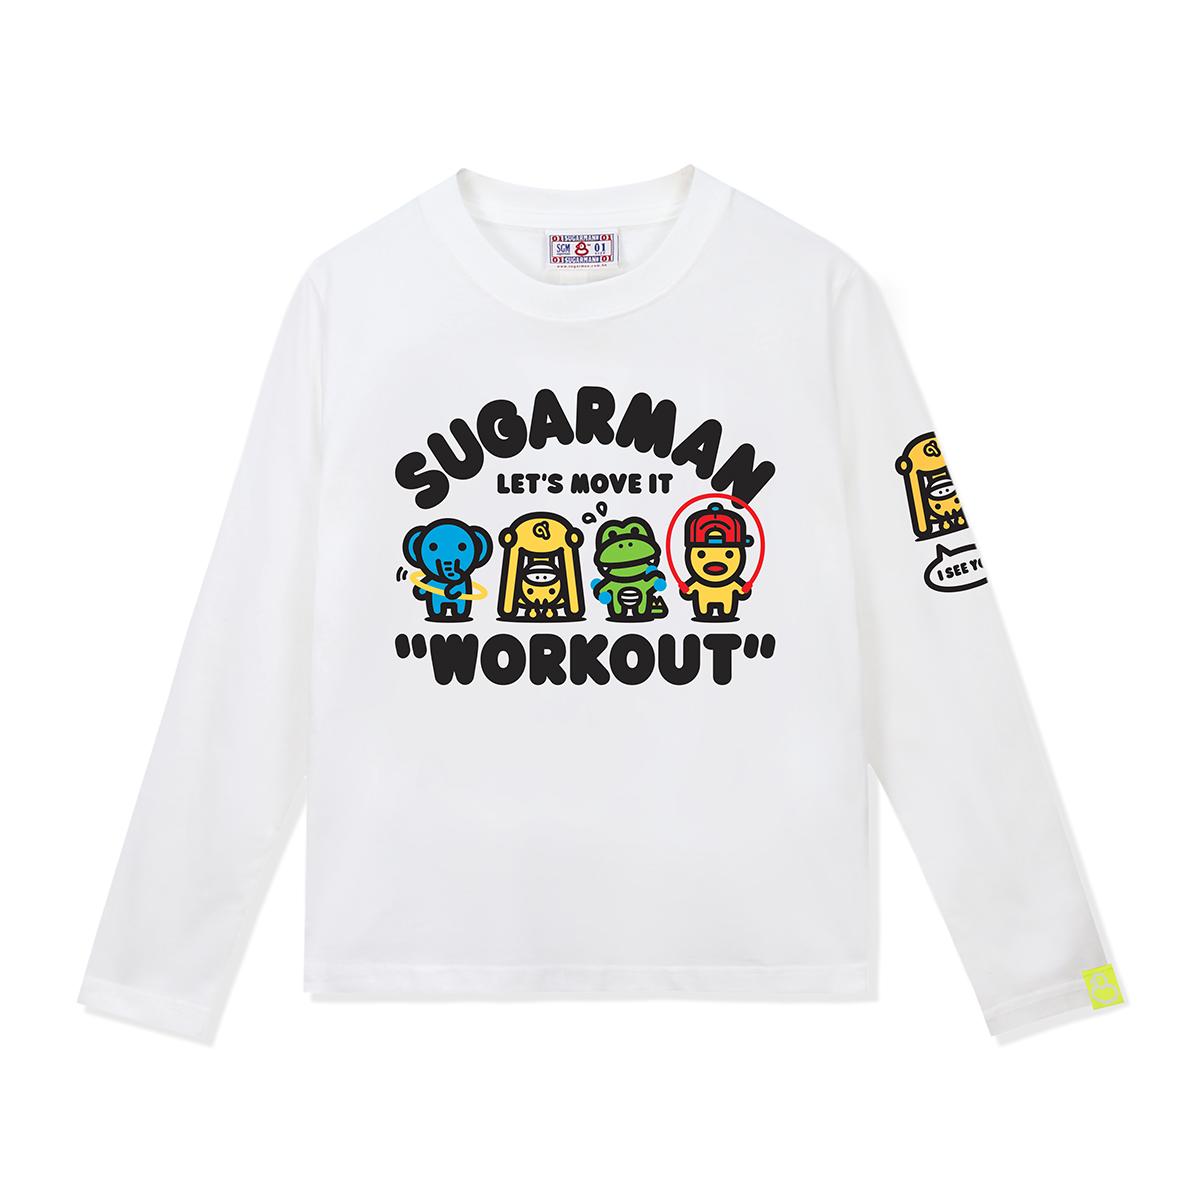 SUGARMAN2020小黃鴨  趣味動感印花圖案 長袖T裇 男女同款親子裝